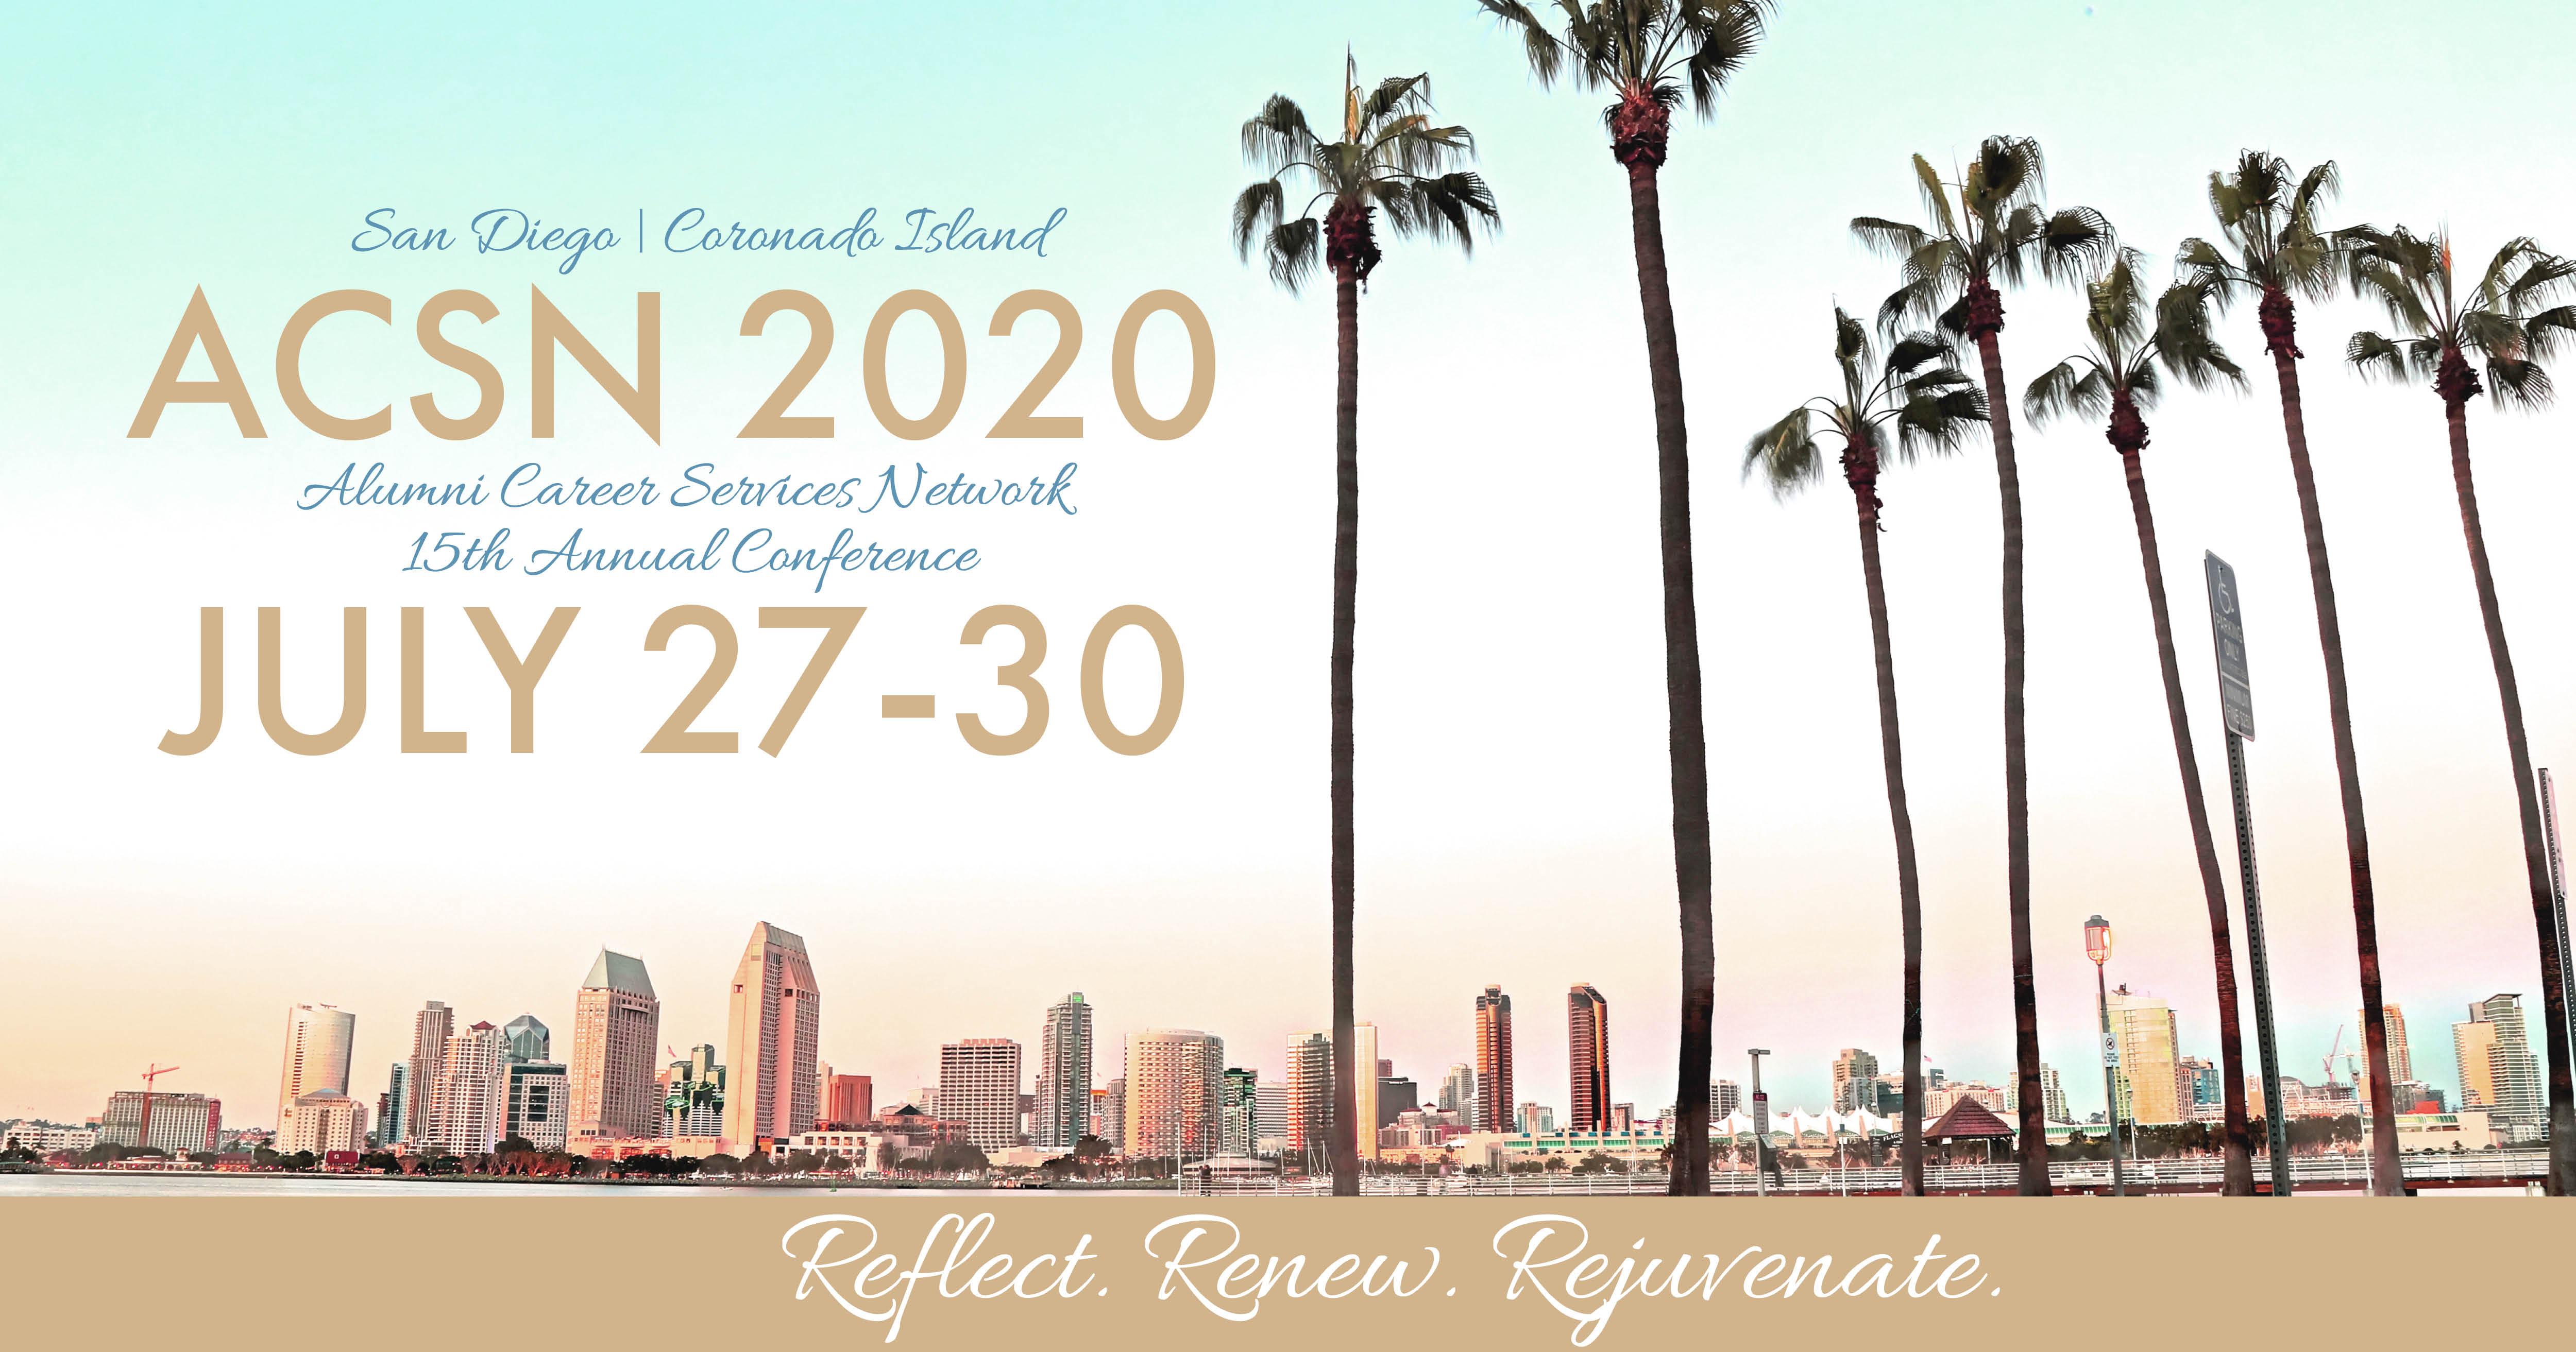 mon july 27 2020